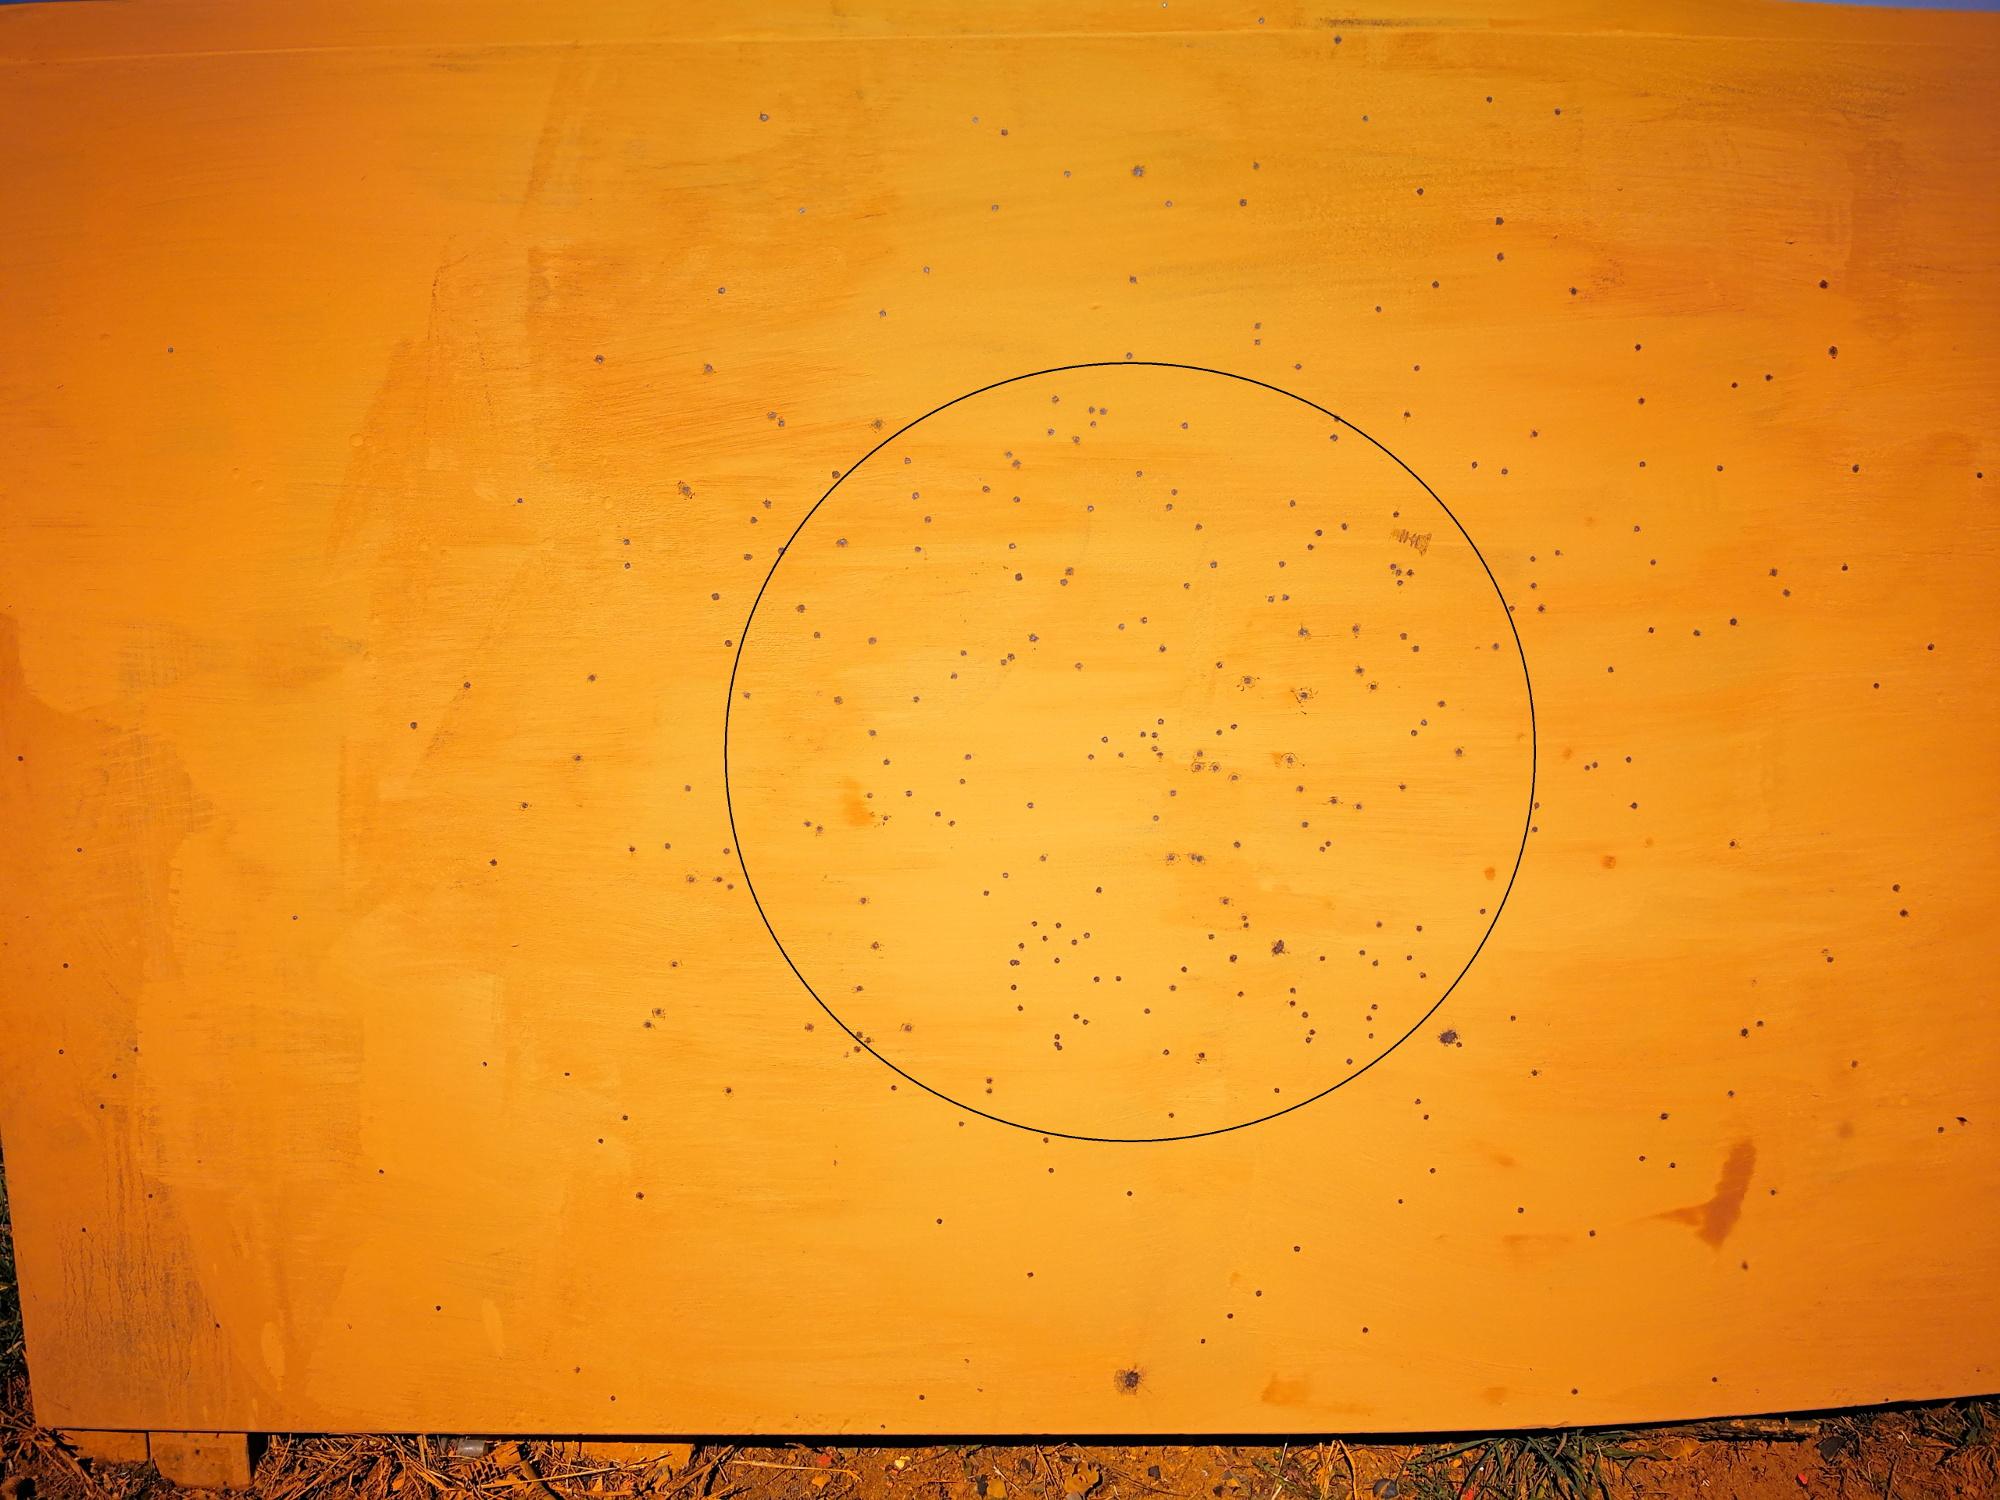 rosata a 18 metri della cartuccia calibro 28 ricaricata con piombo rullato